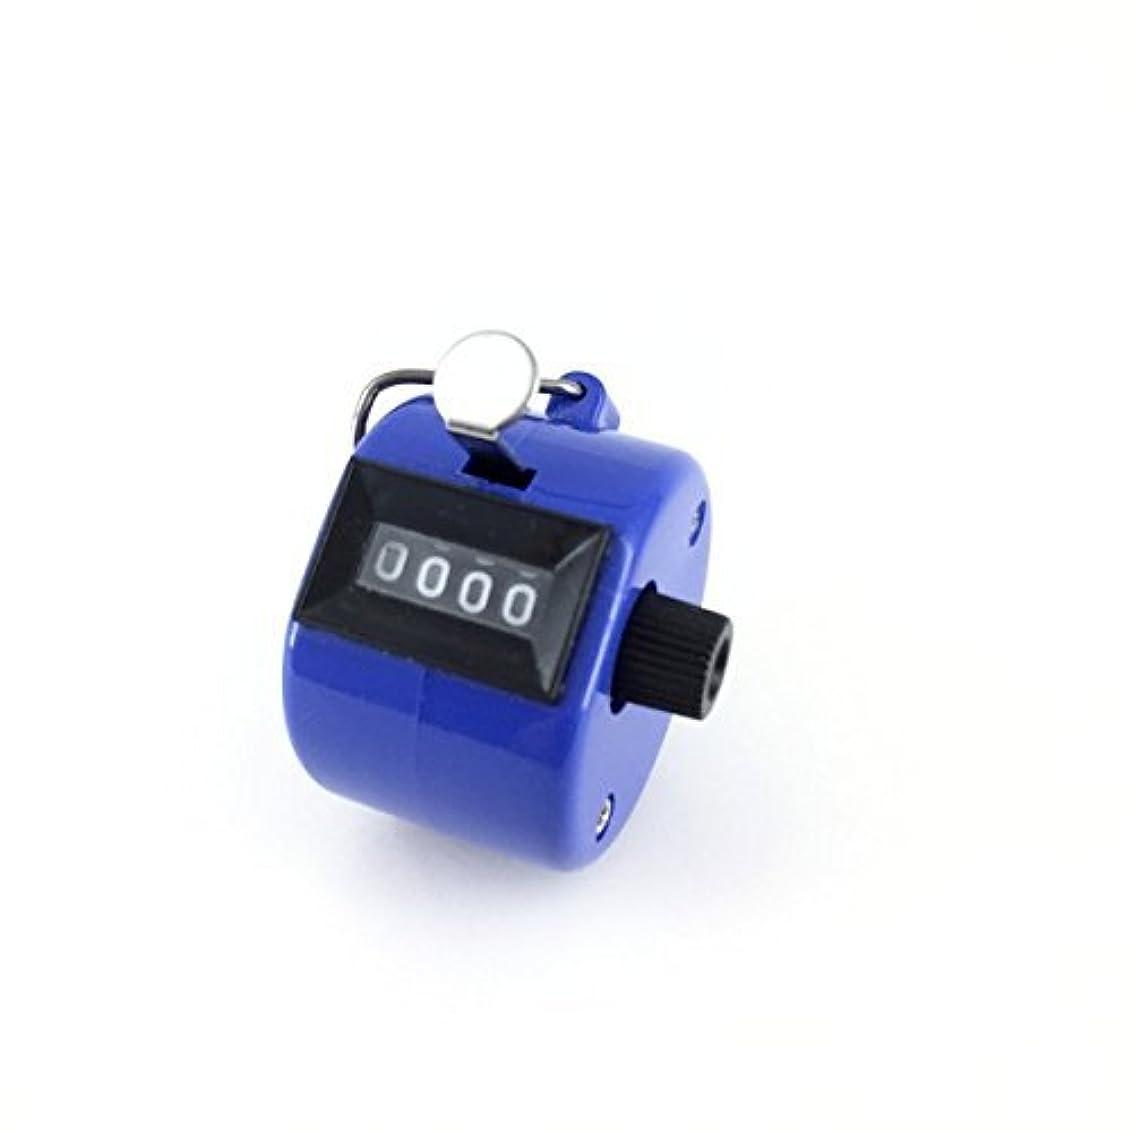 エクステカウンター 手持ちホルダー付き 数取器 まつげエクステ用品 カラー4色 (ブルー)